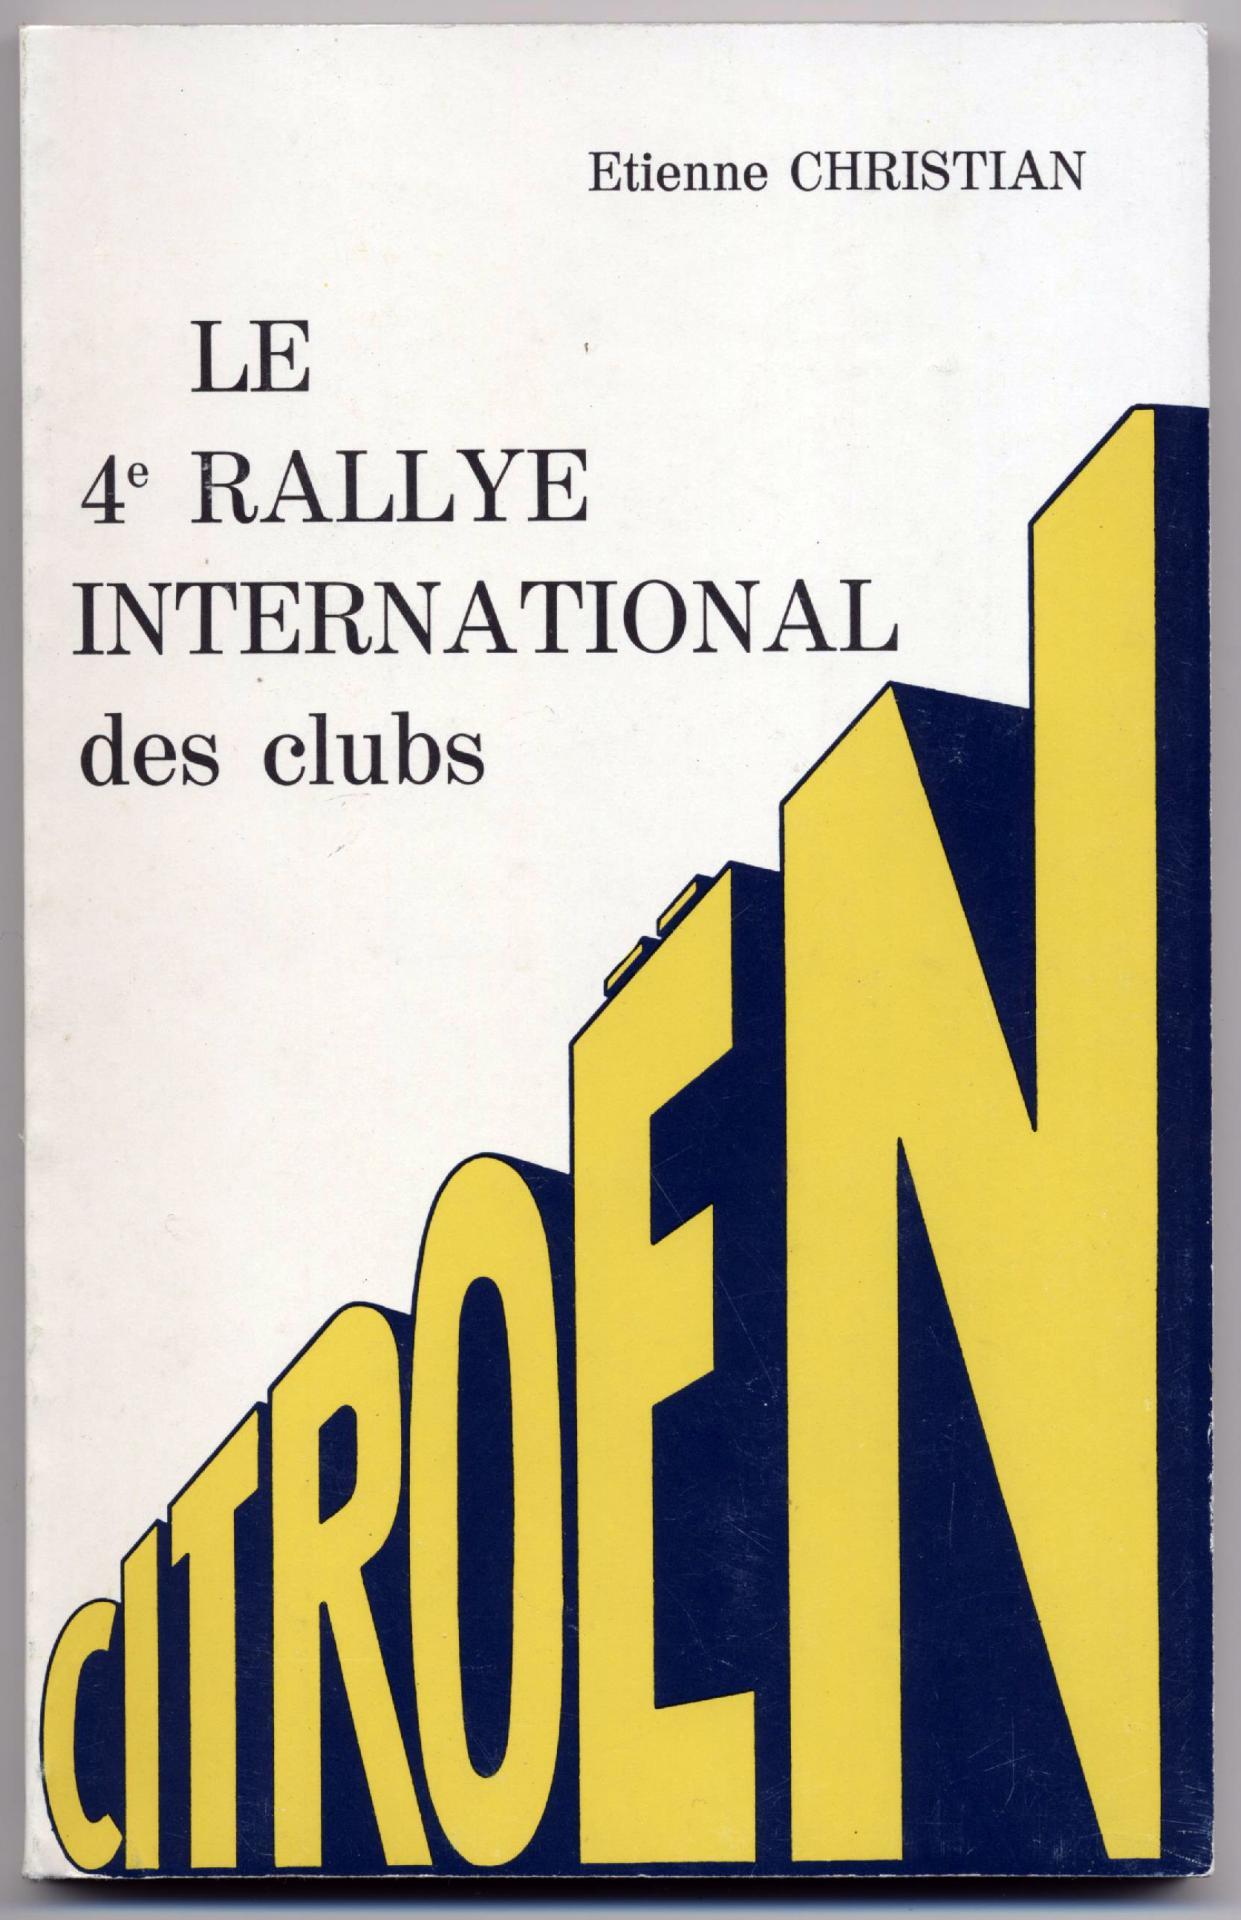 1978 Livre 4eme ICCCR Chartres